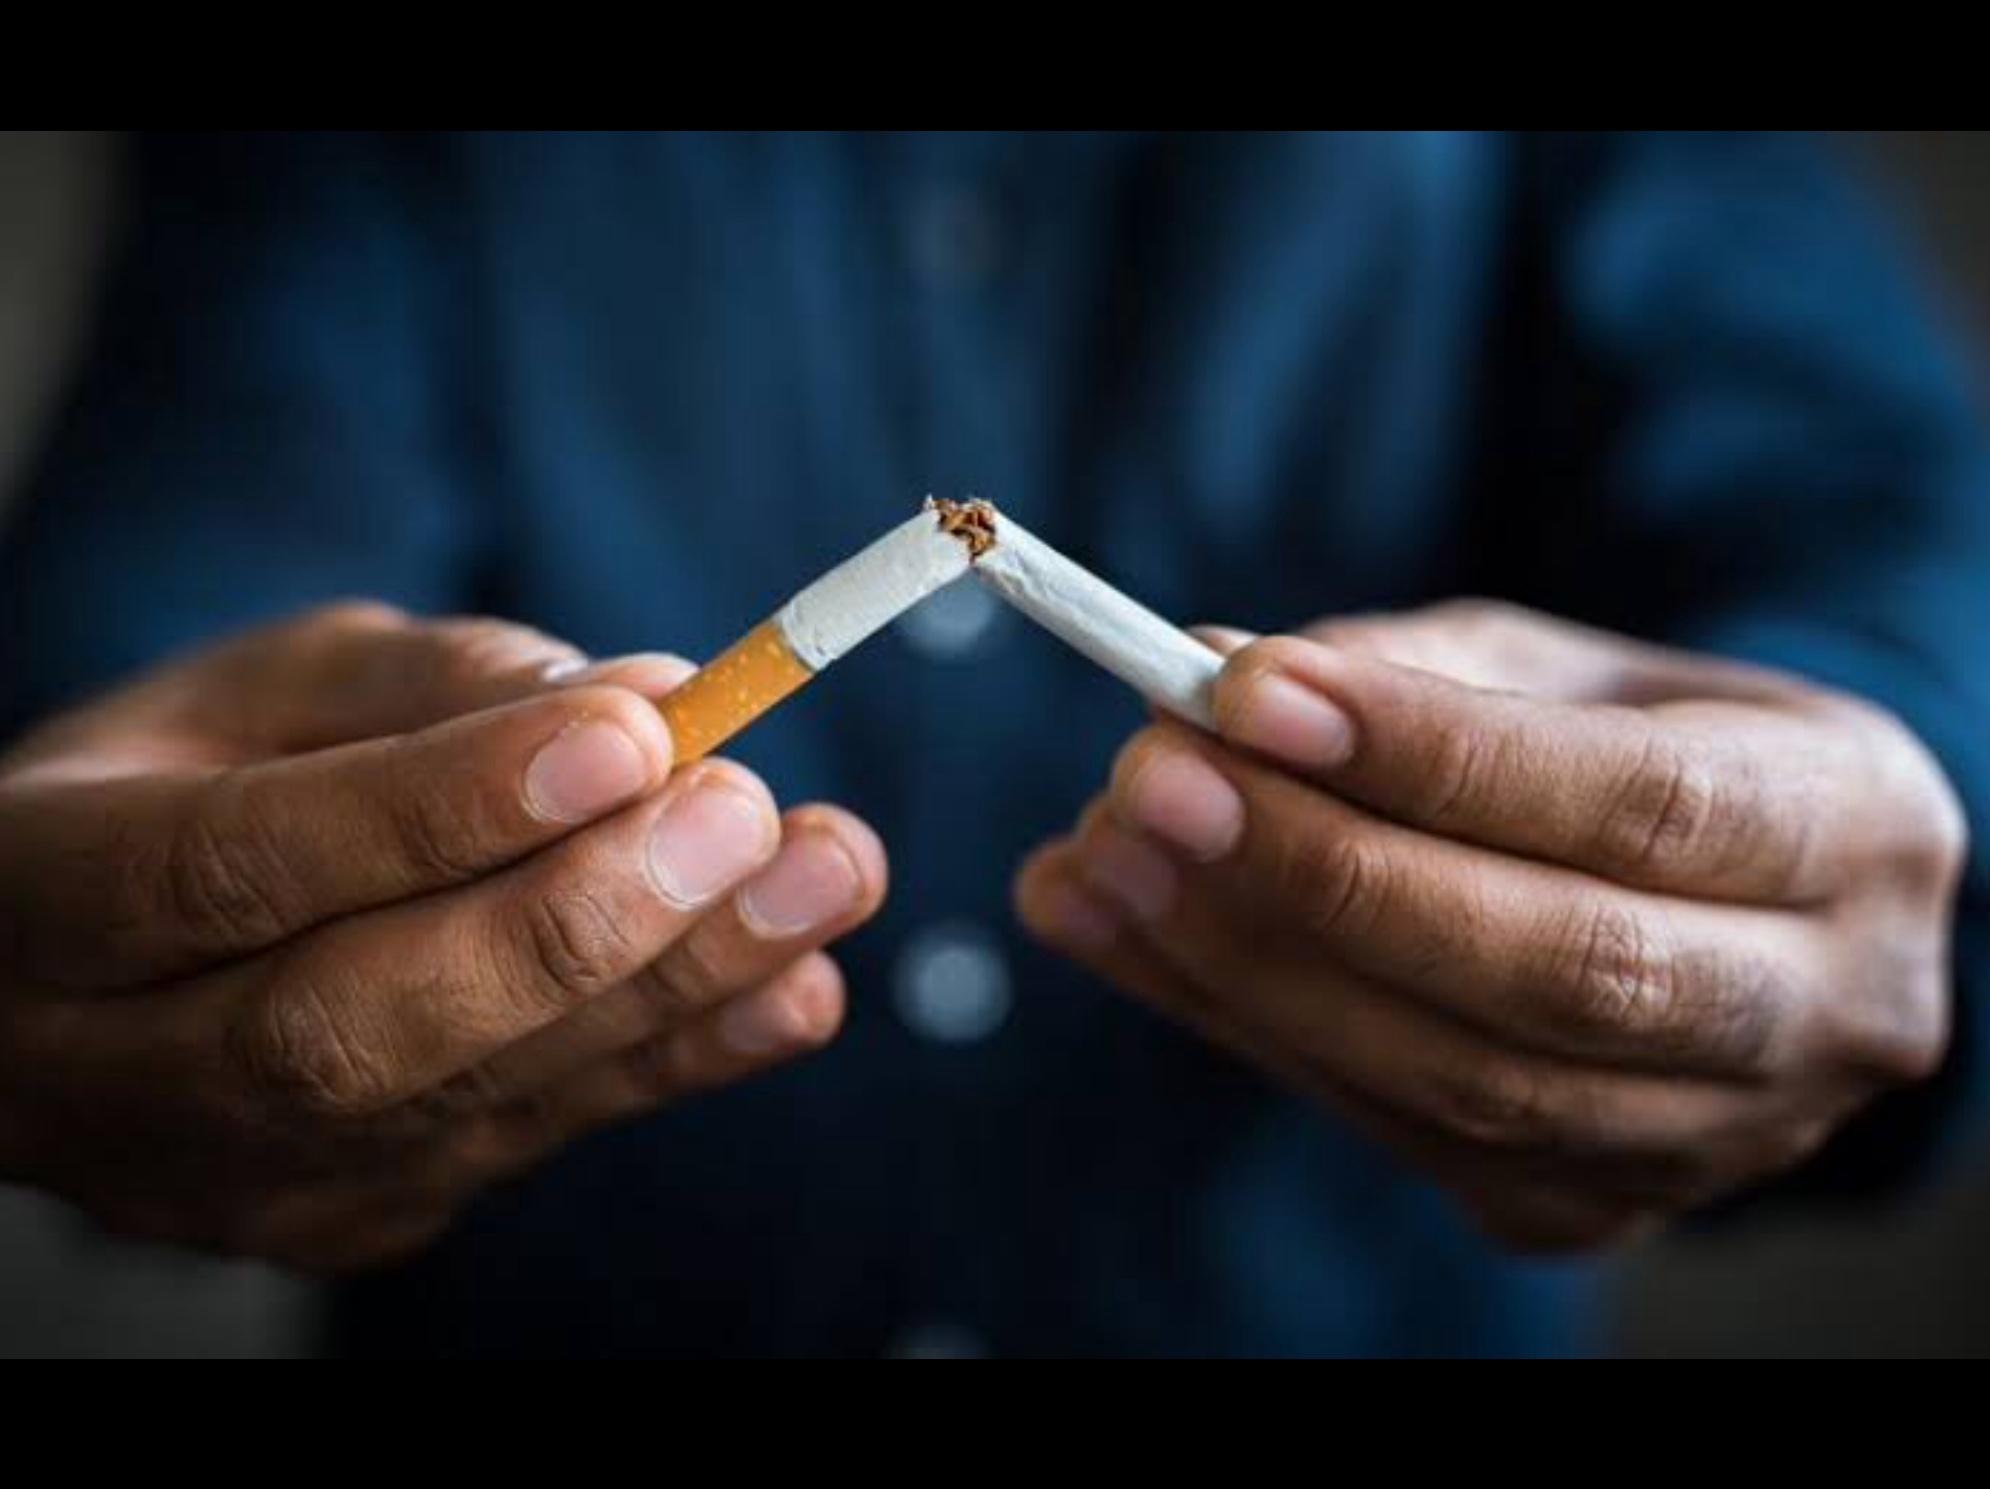 Dejar de fumar evita enfermedades graves: IMSS